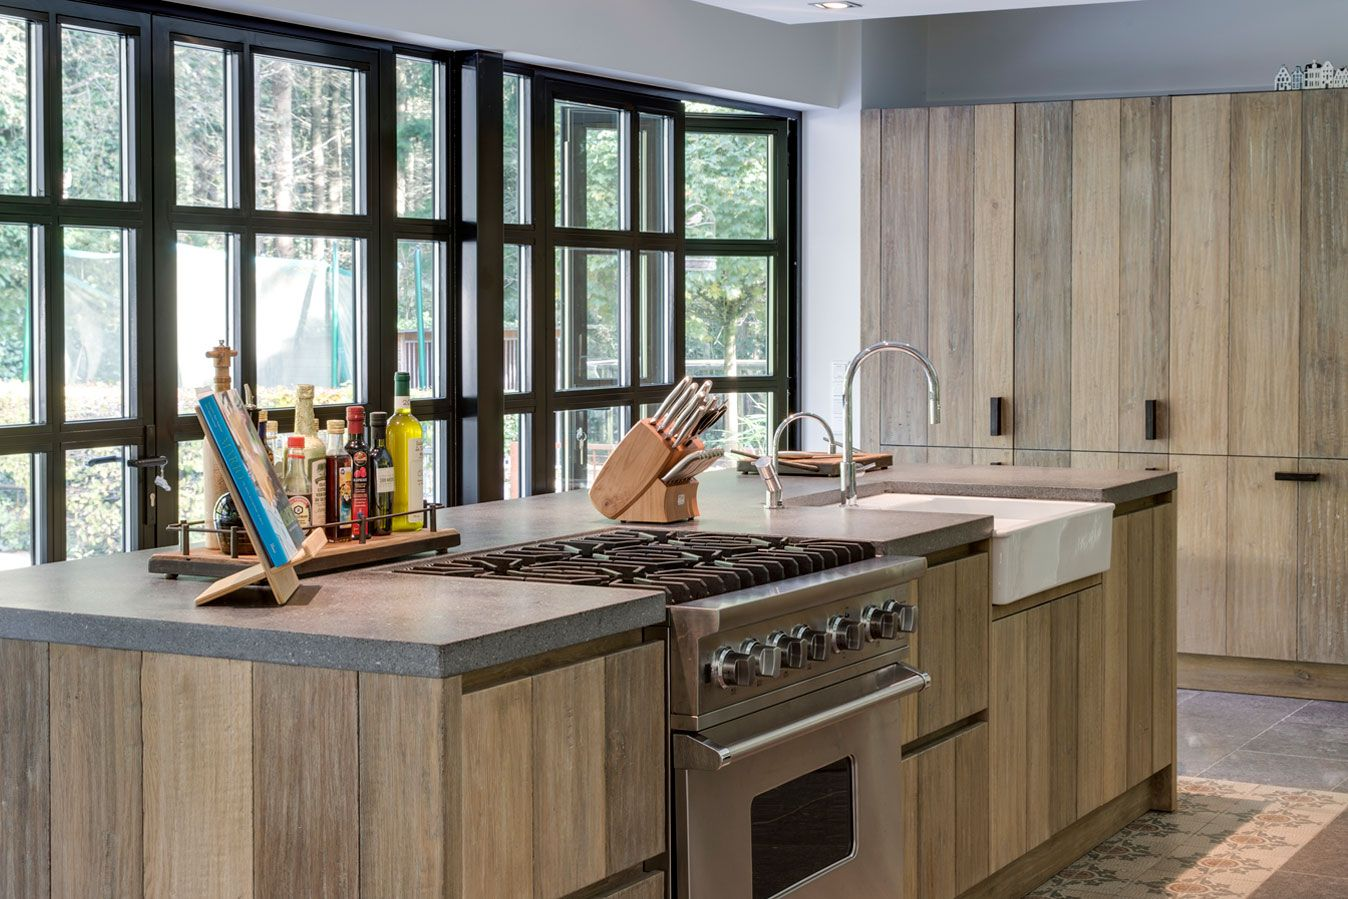 Stoere Keuken Wood : Stoere keuken met karakter rd rd